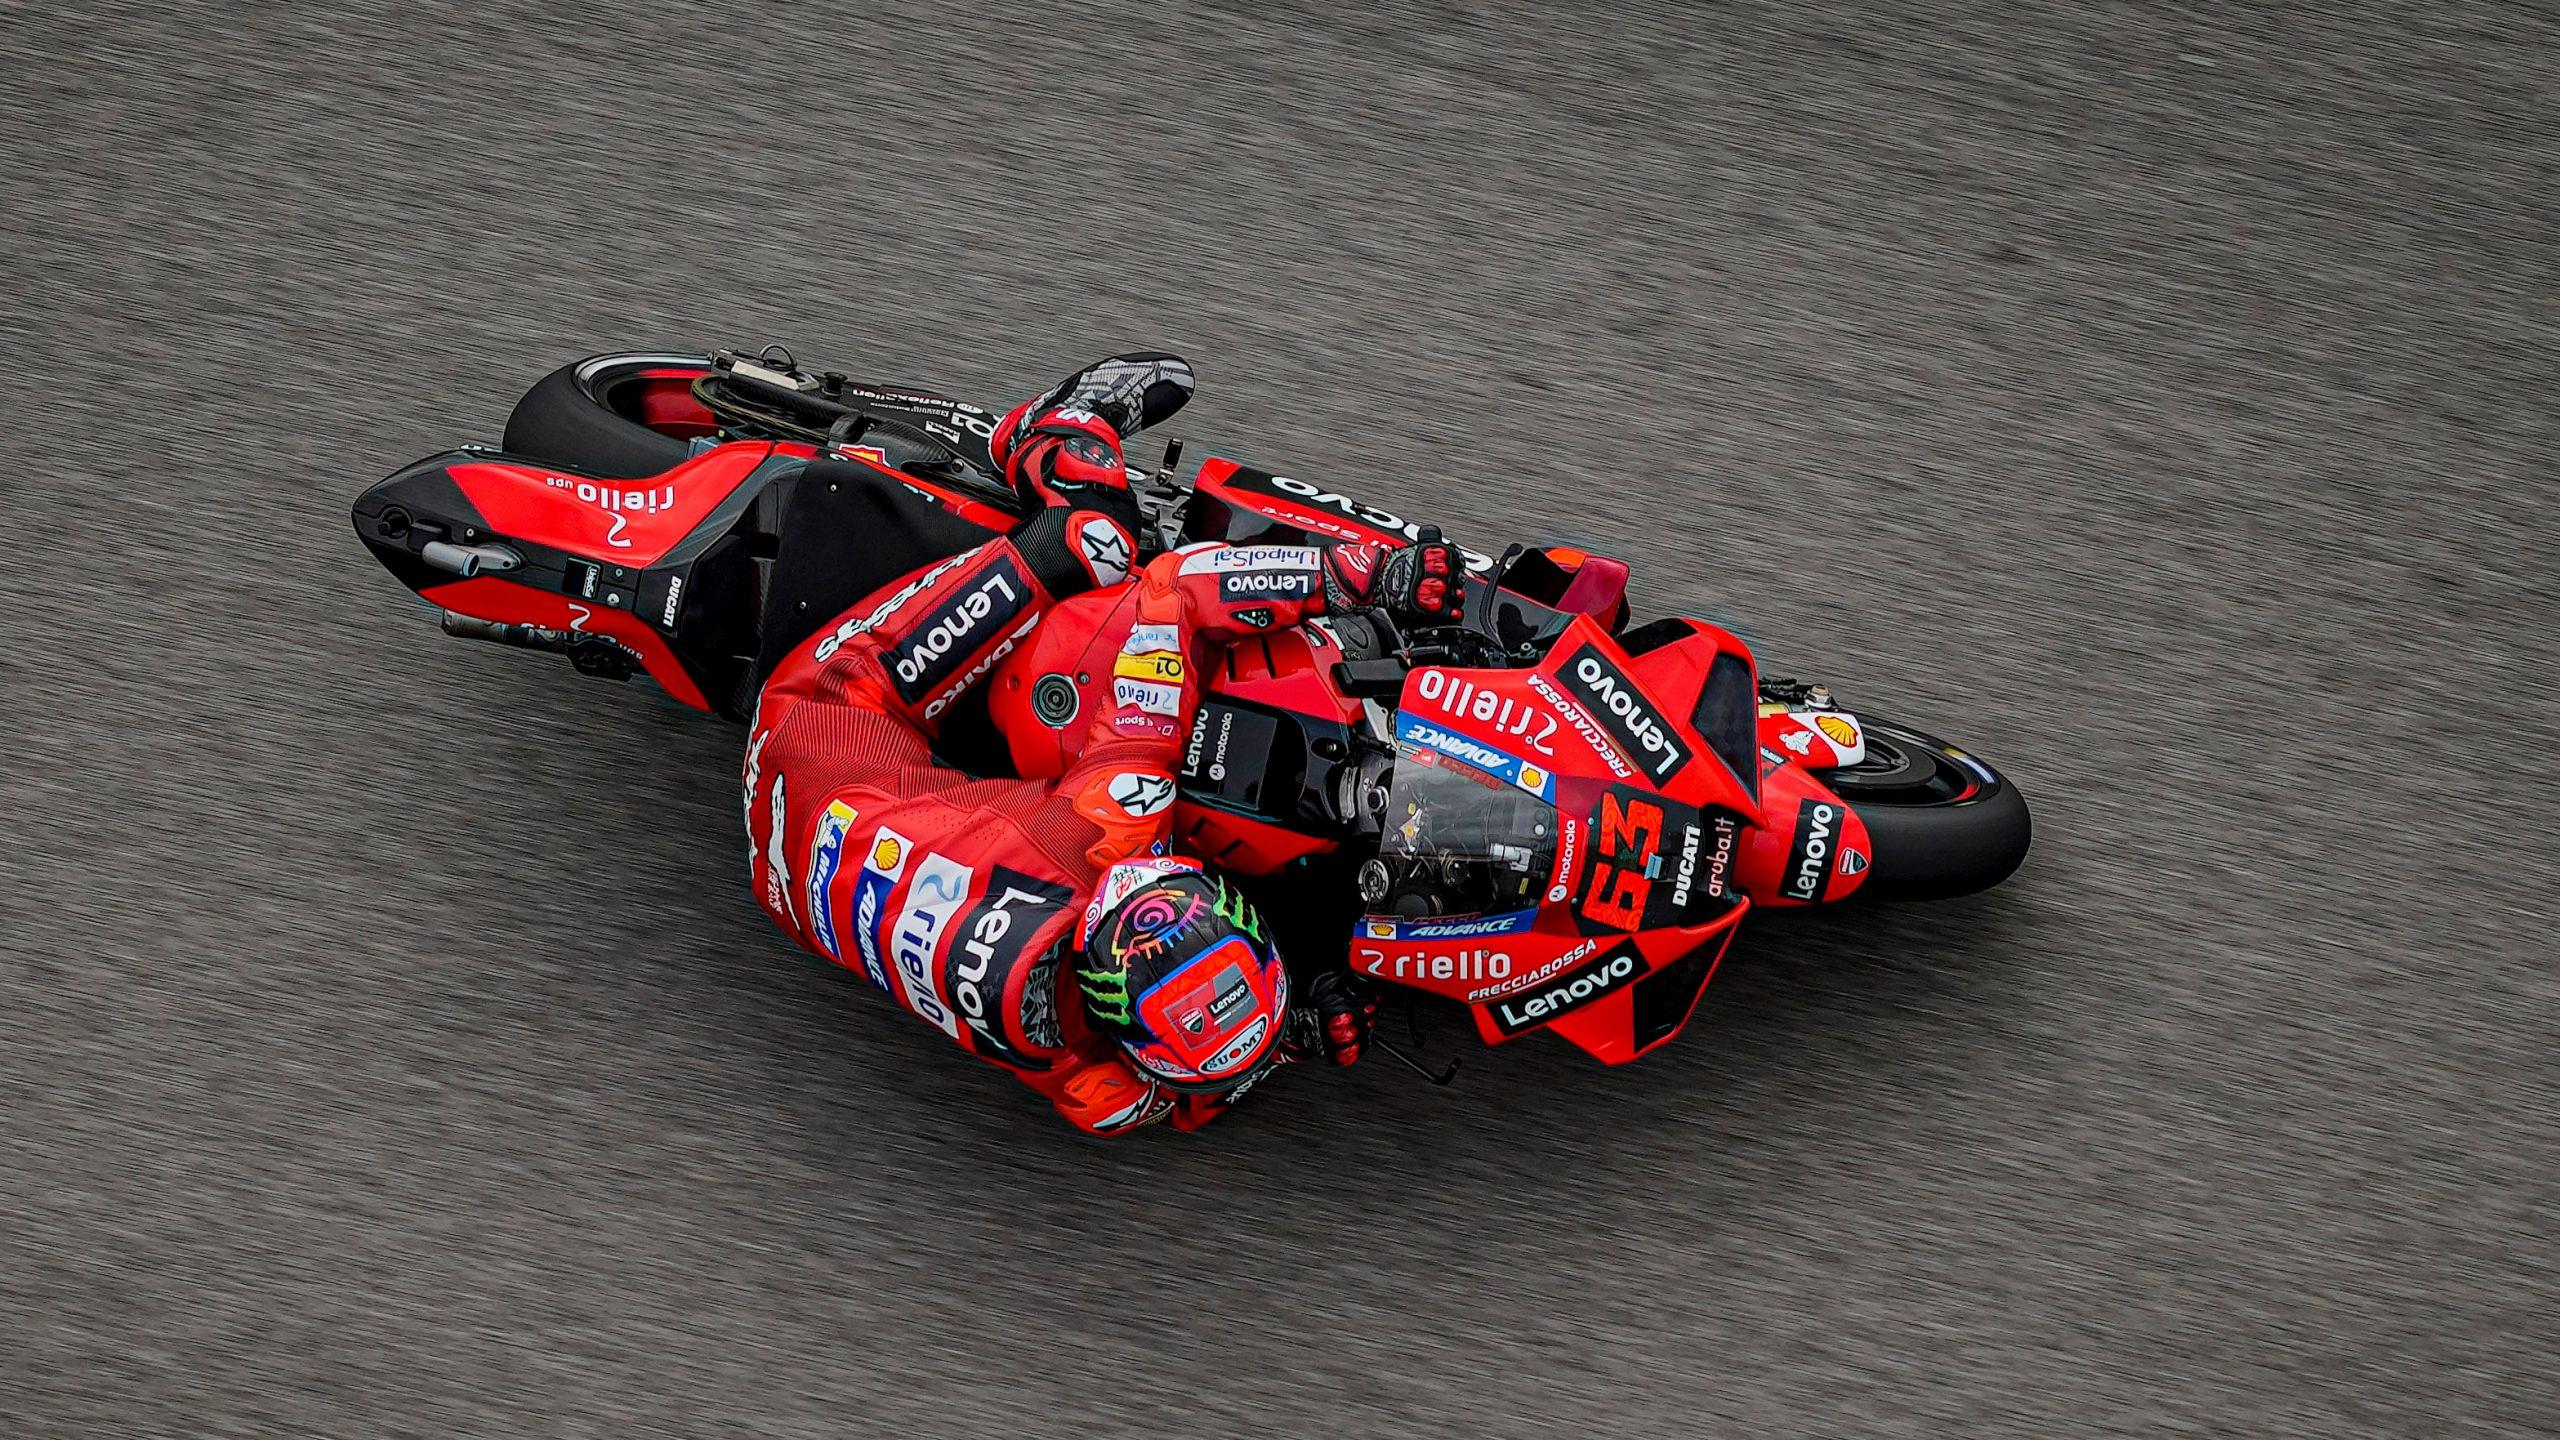 Qualifica, Gp delle Americhe 2021: Bagnaia in Pole Position, davanti a Quartararo e Marc Marquez.